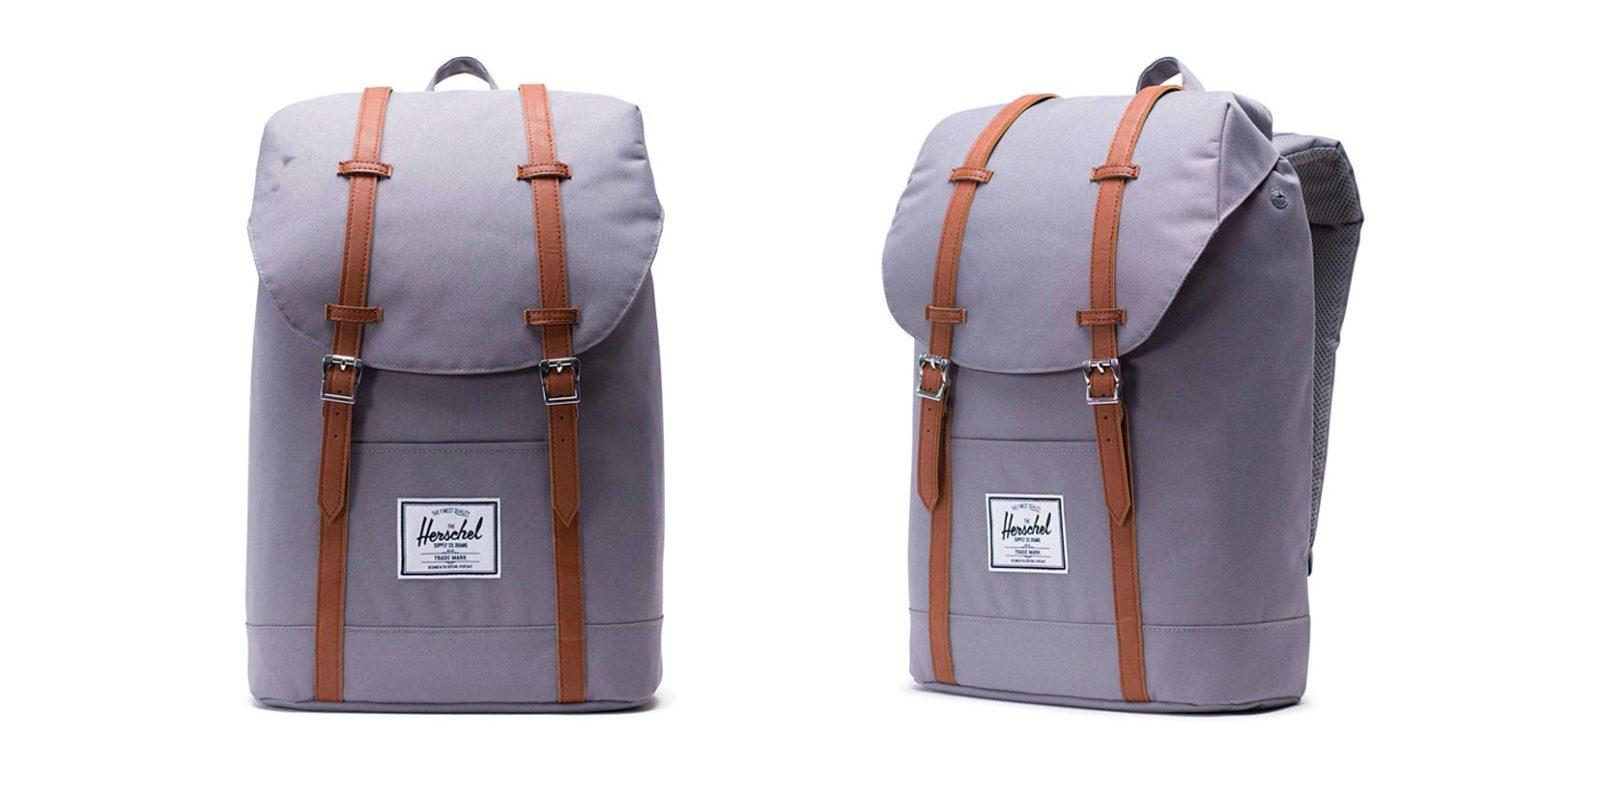 Herschel Retreat Backpack easily fits your 15-inch MacBook